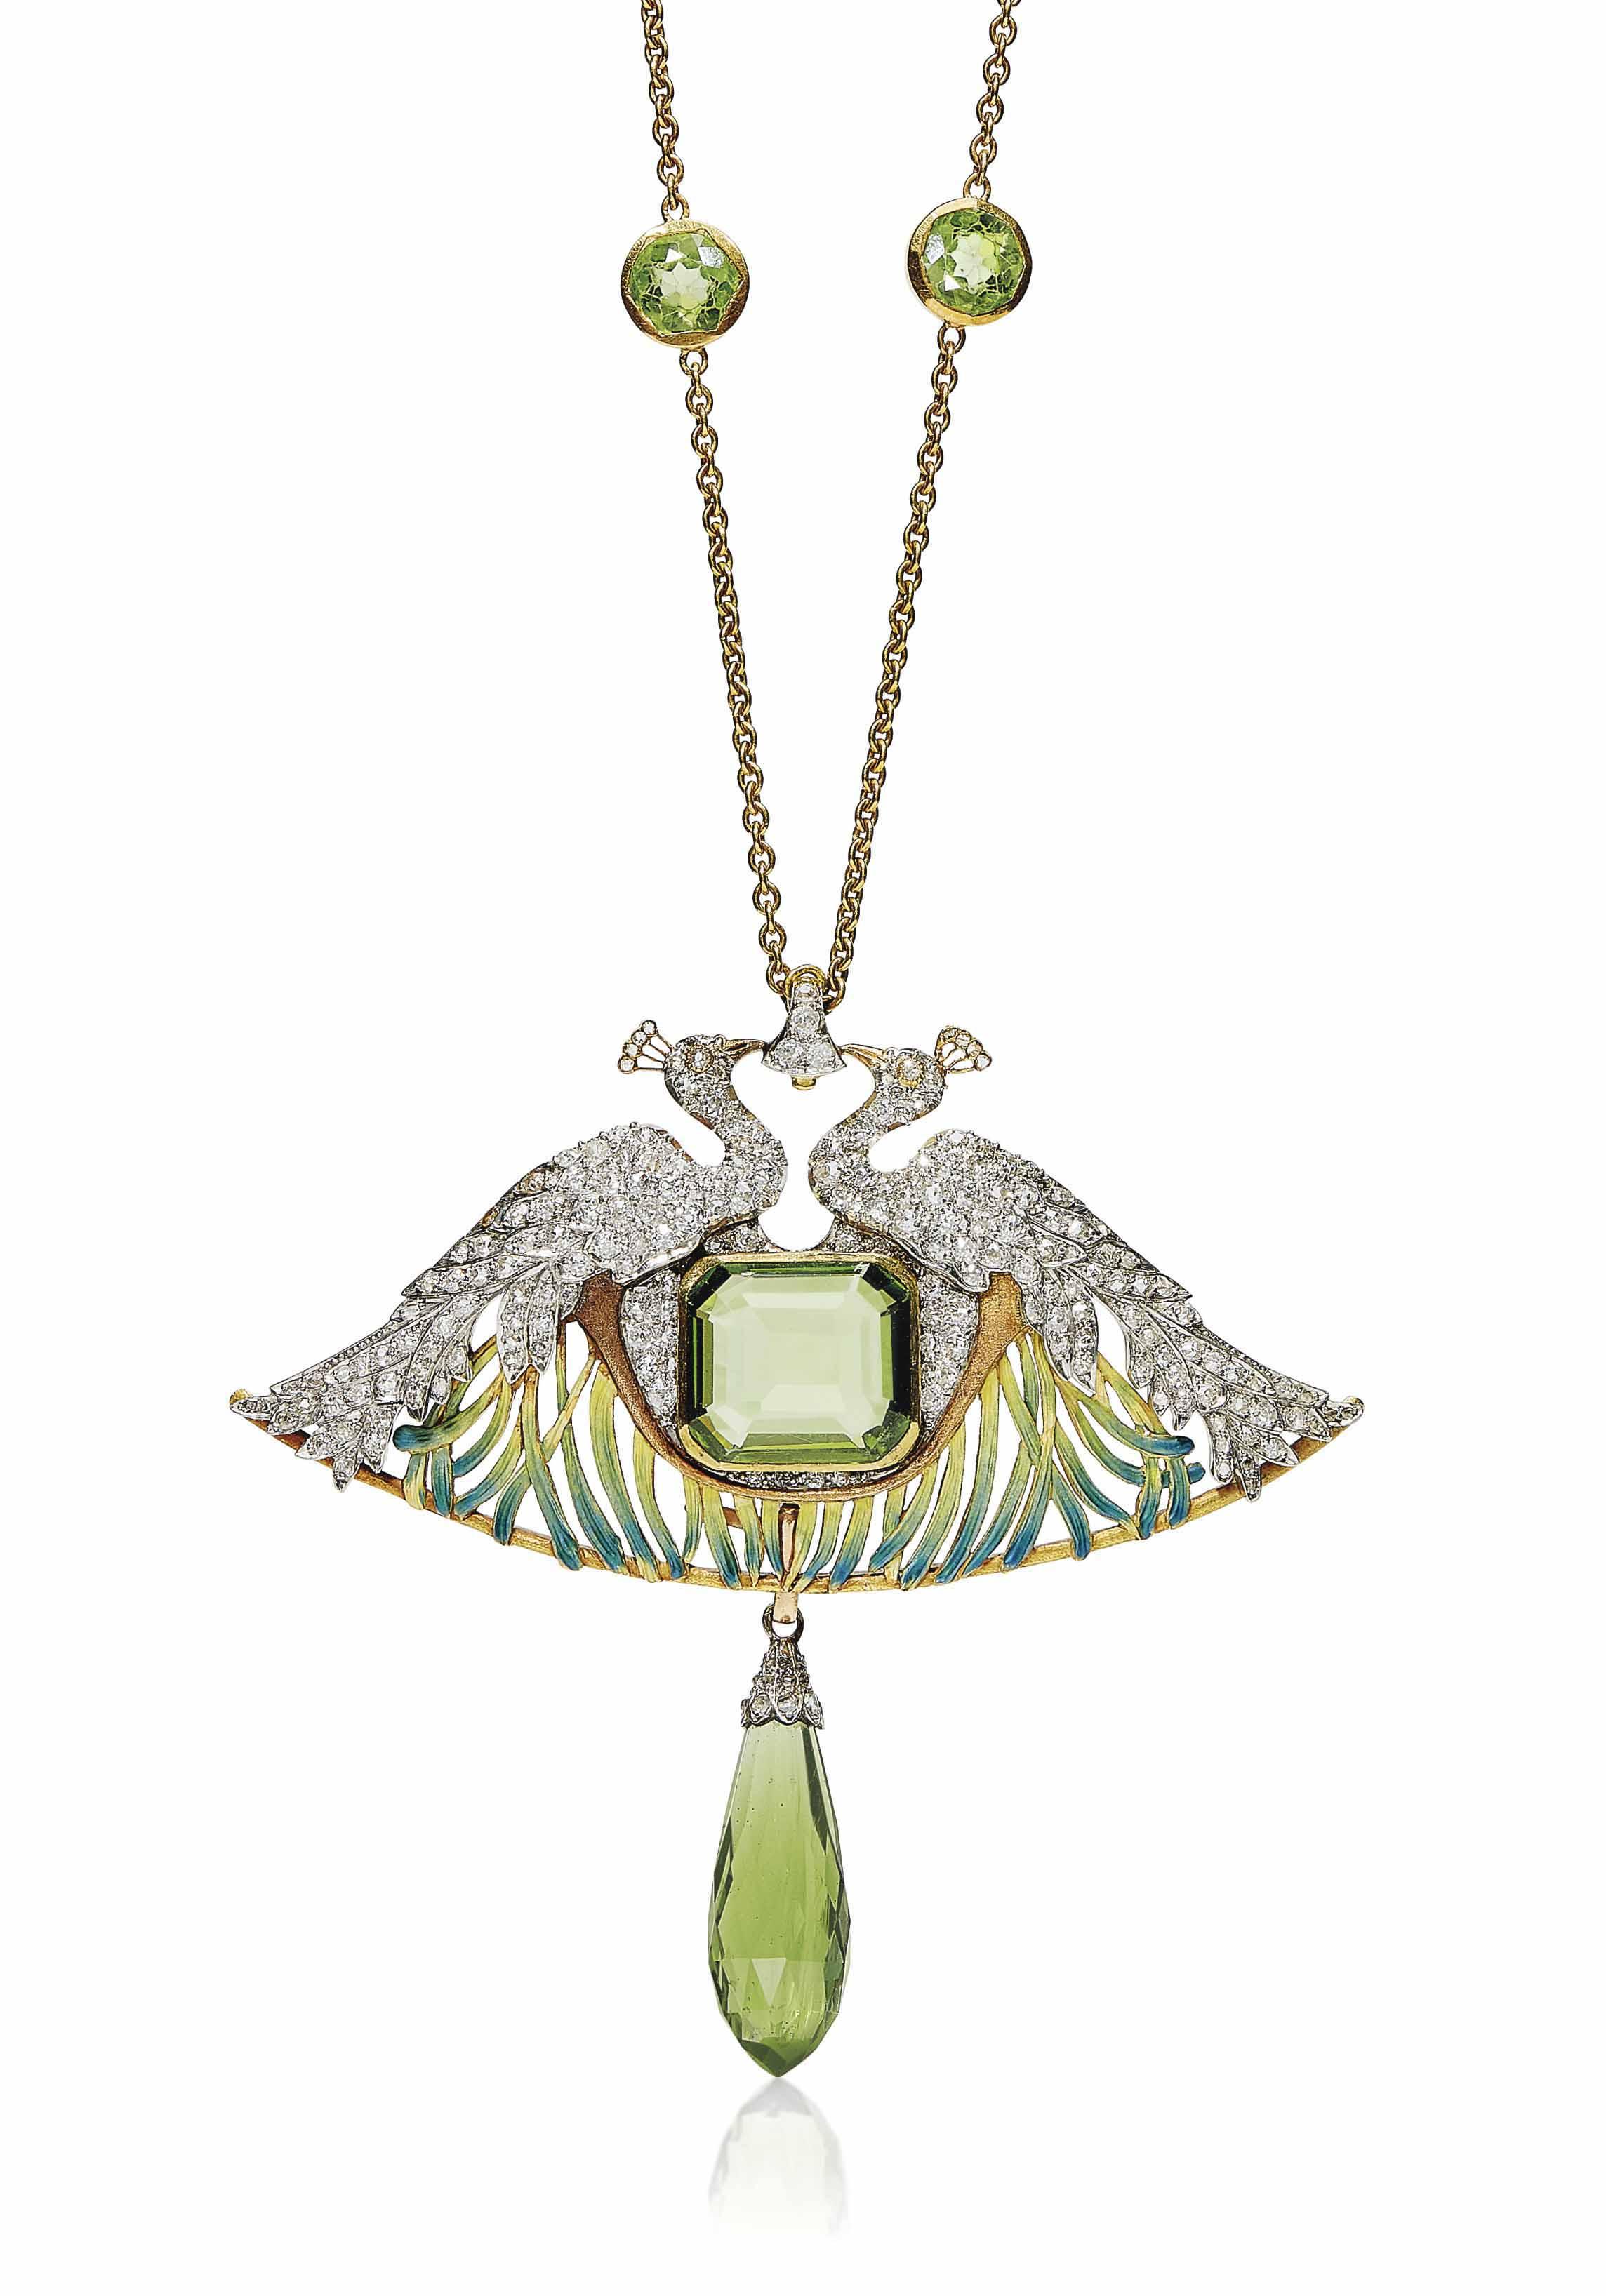 AN ART NOUVEAU PERIDOT, DIAMOND, ENAMEL AND GLASS PENDENT NECKLACE, BY RENÉ LALIQUE